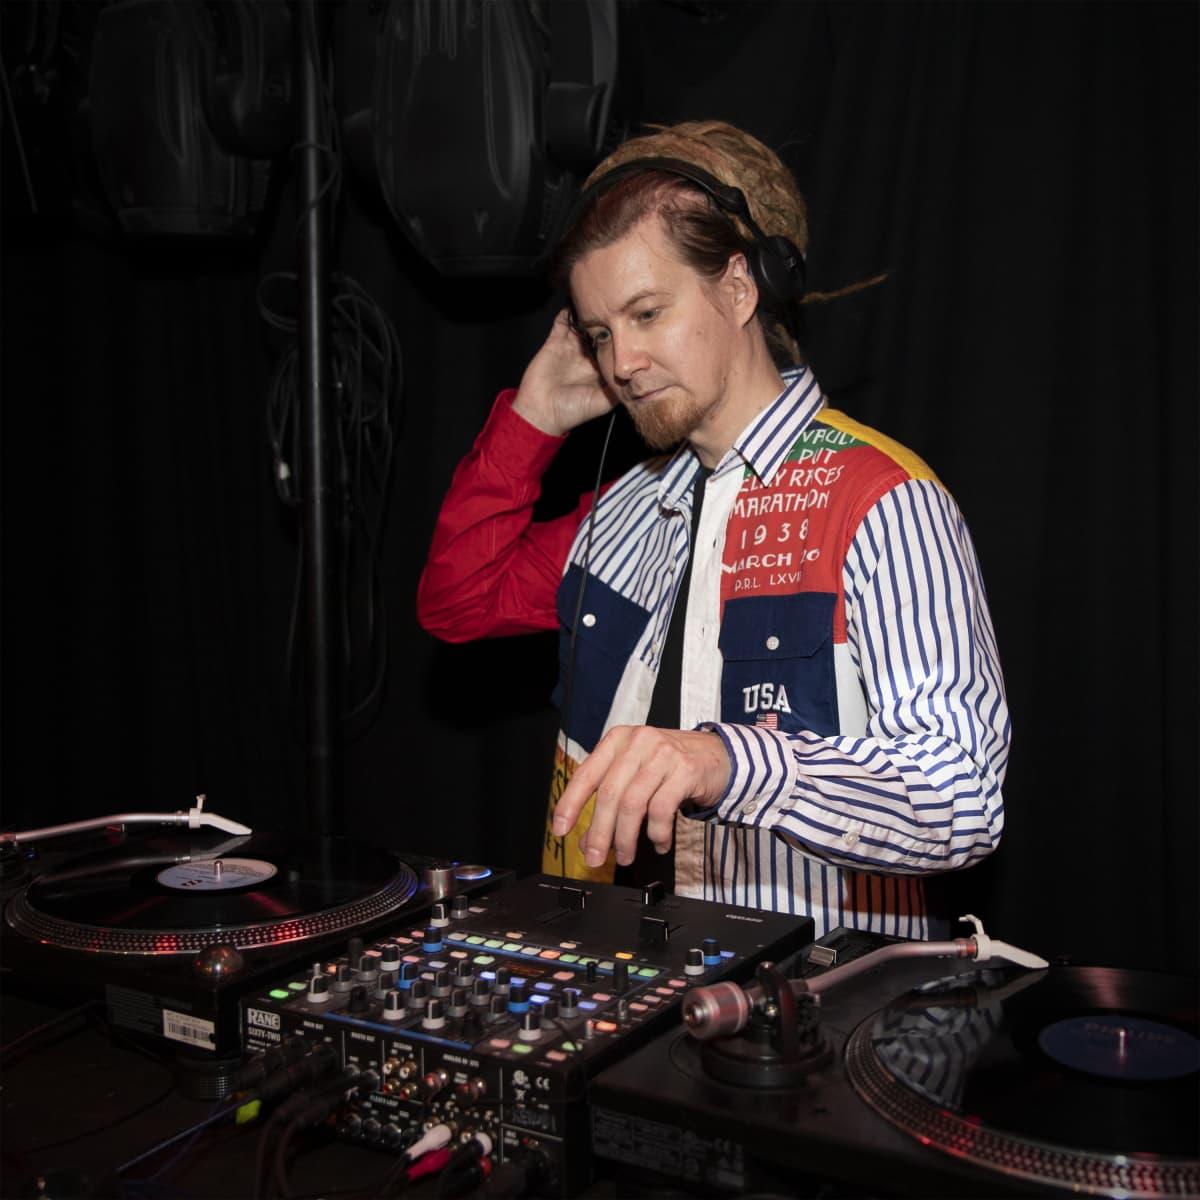 DJ Mikko Haapalainen soittaa musiikkia LP-levyiltä.